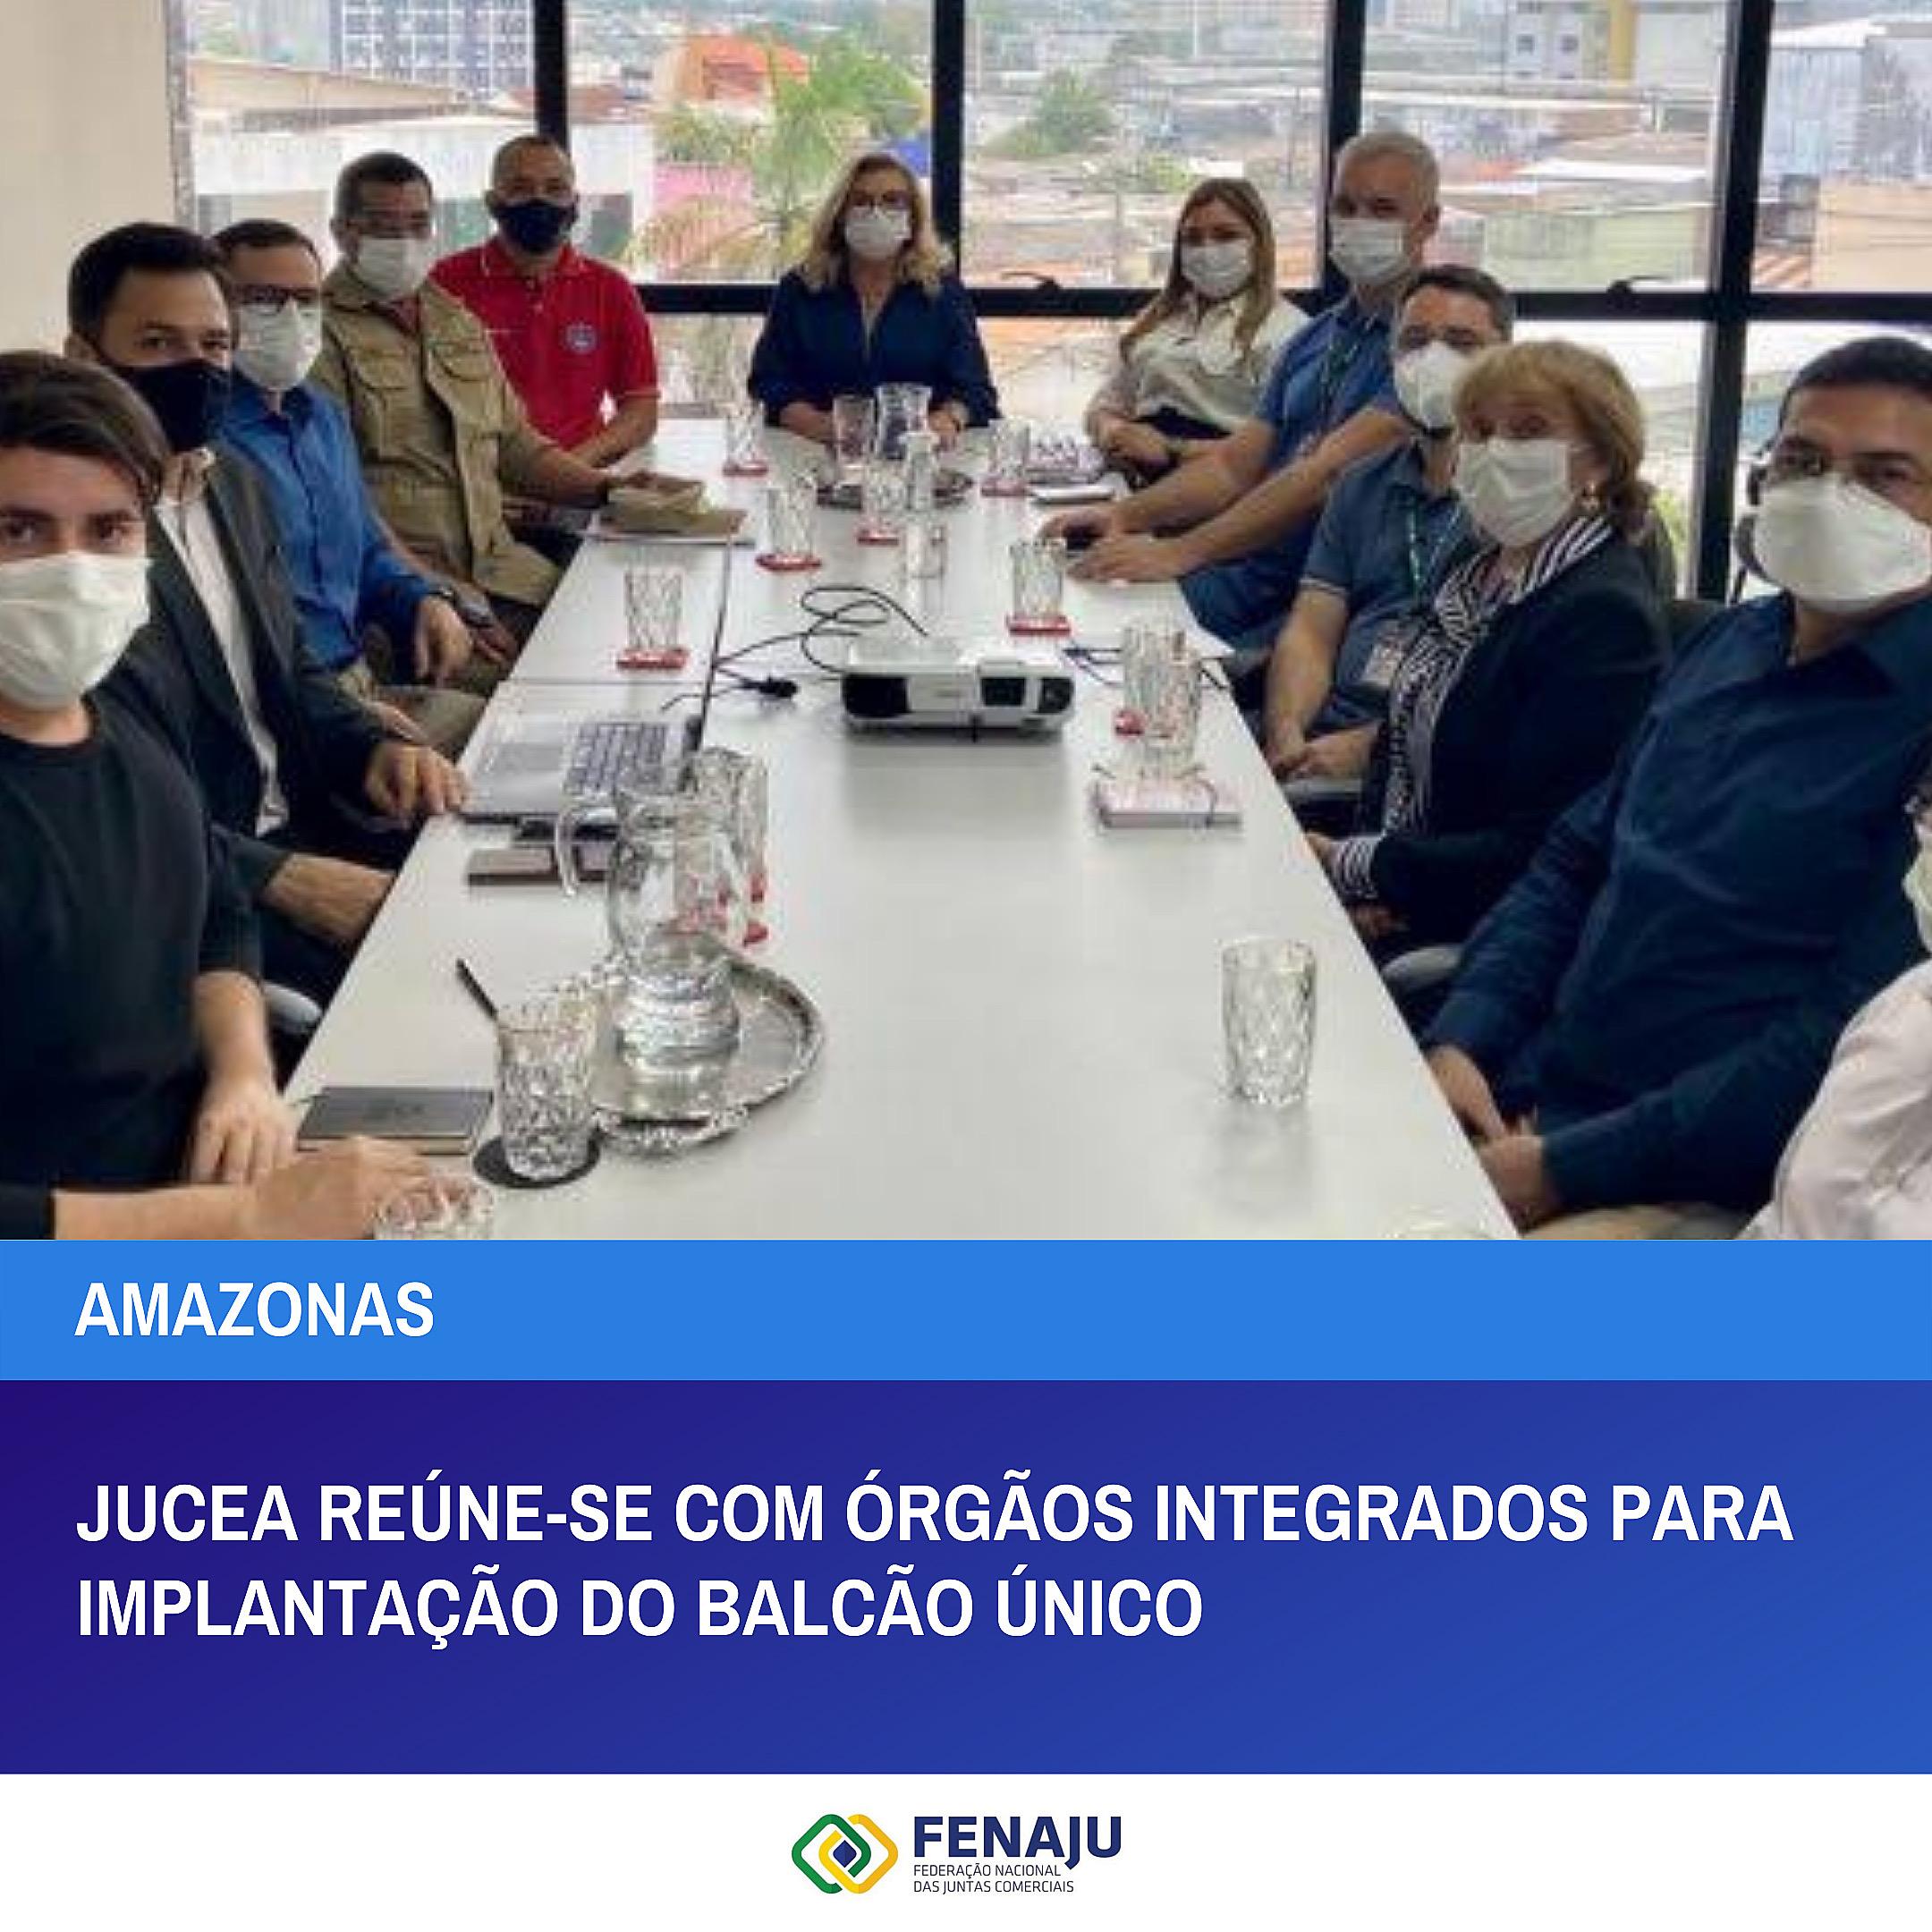 You are currently viewing Jucea reúne-se com órgãos integrados para implantação do Balcão Único